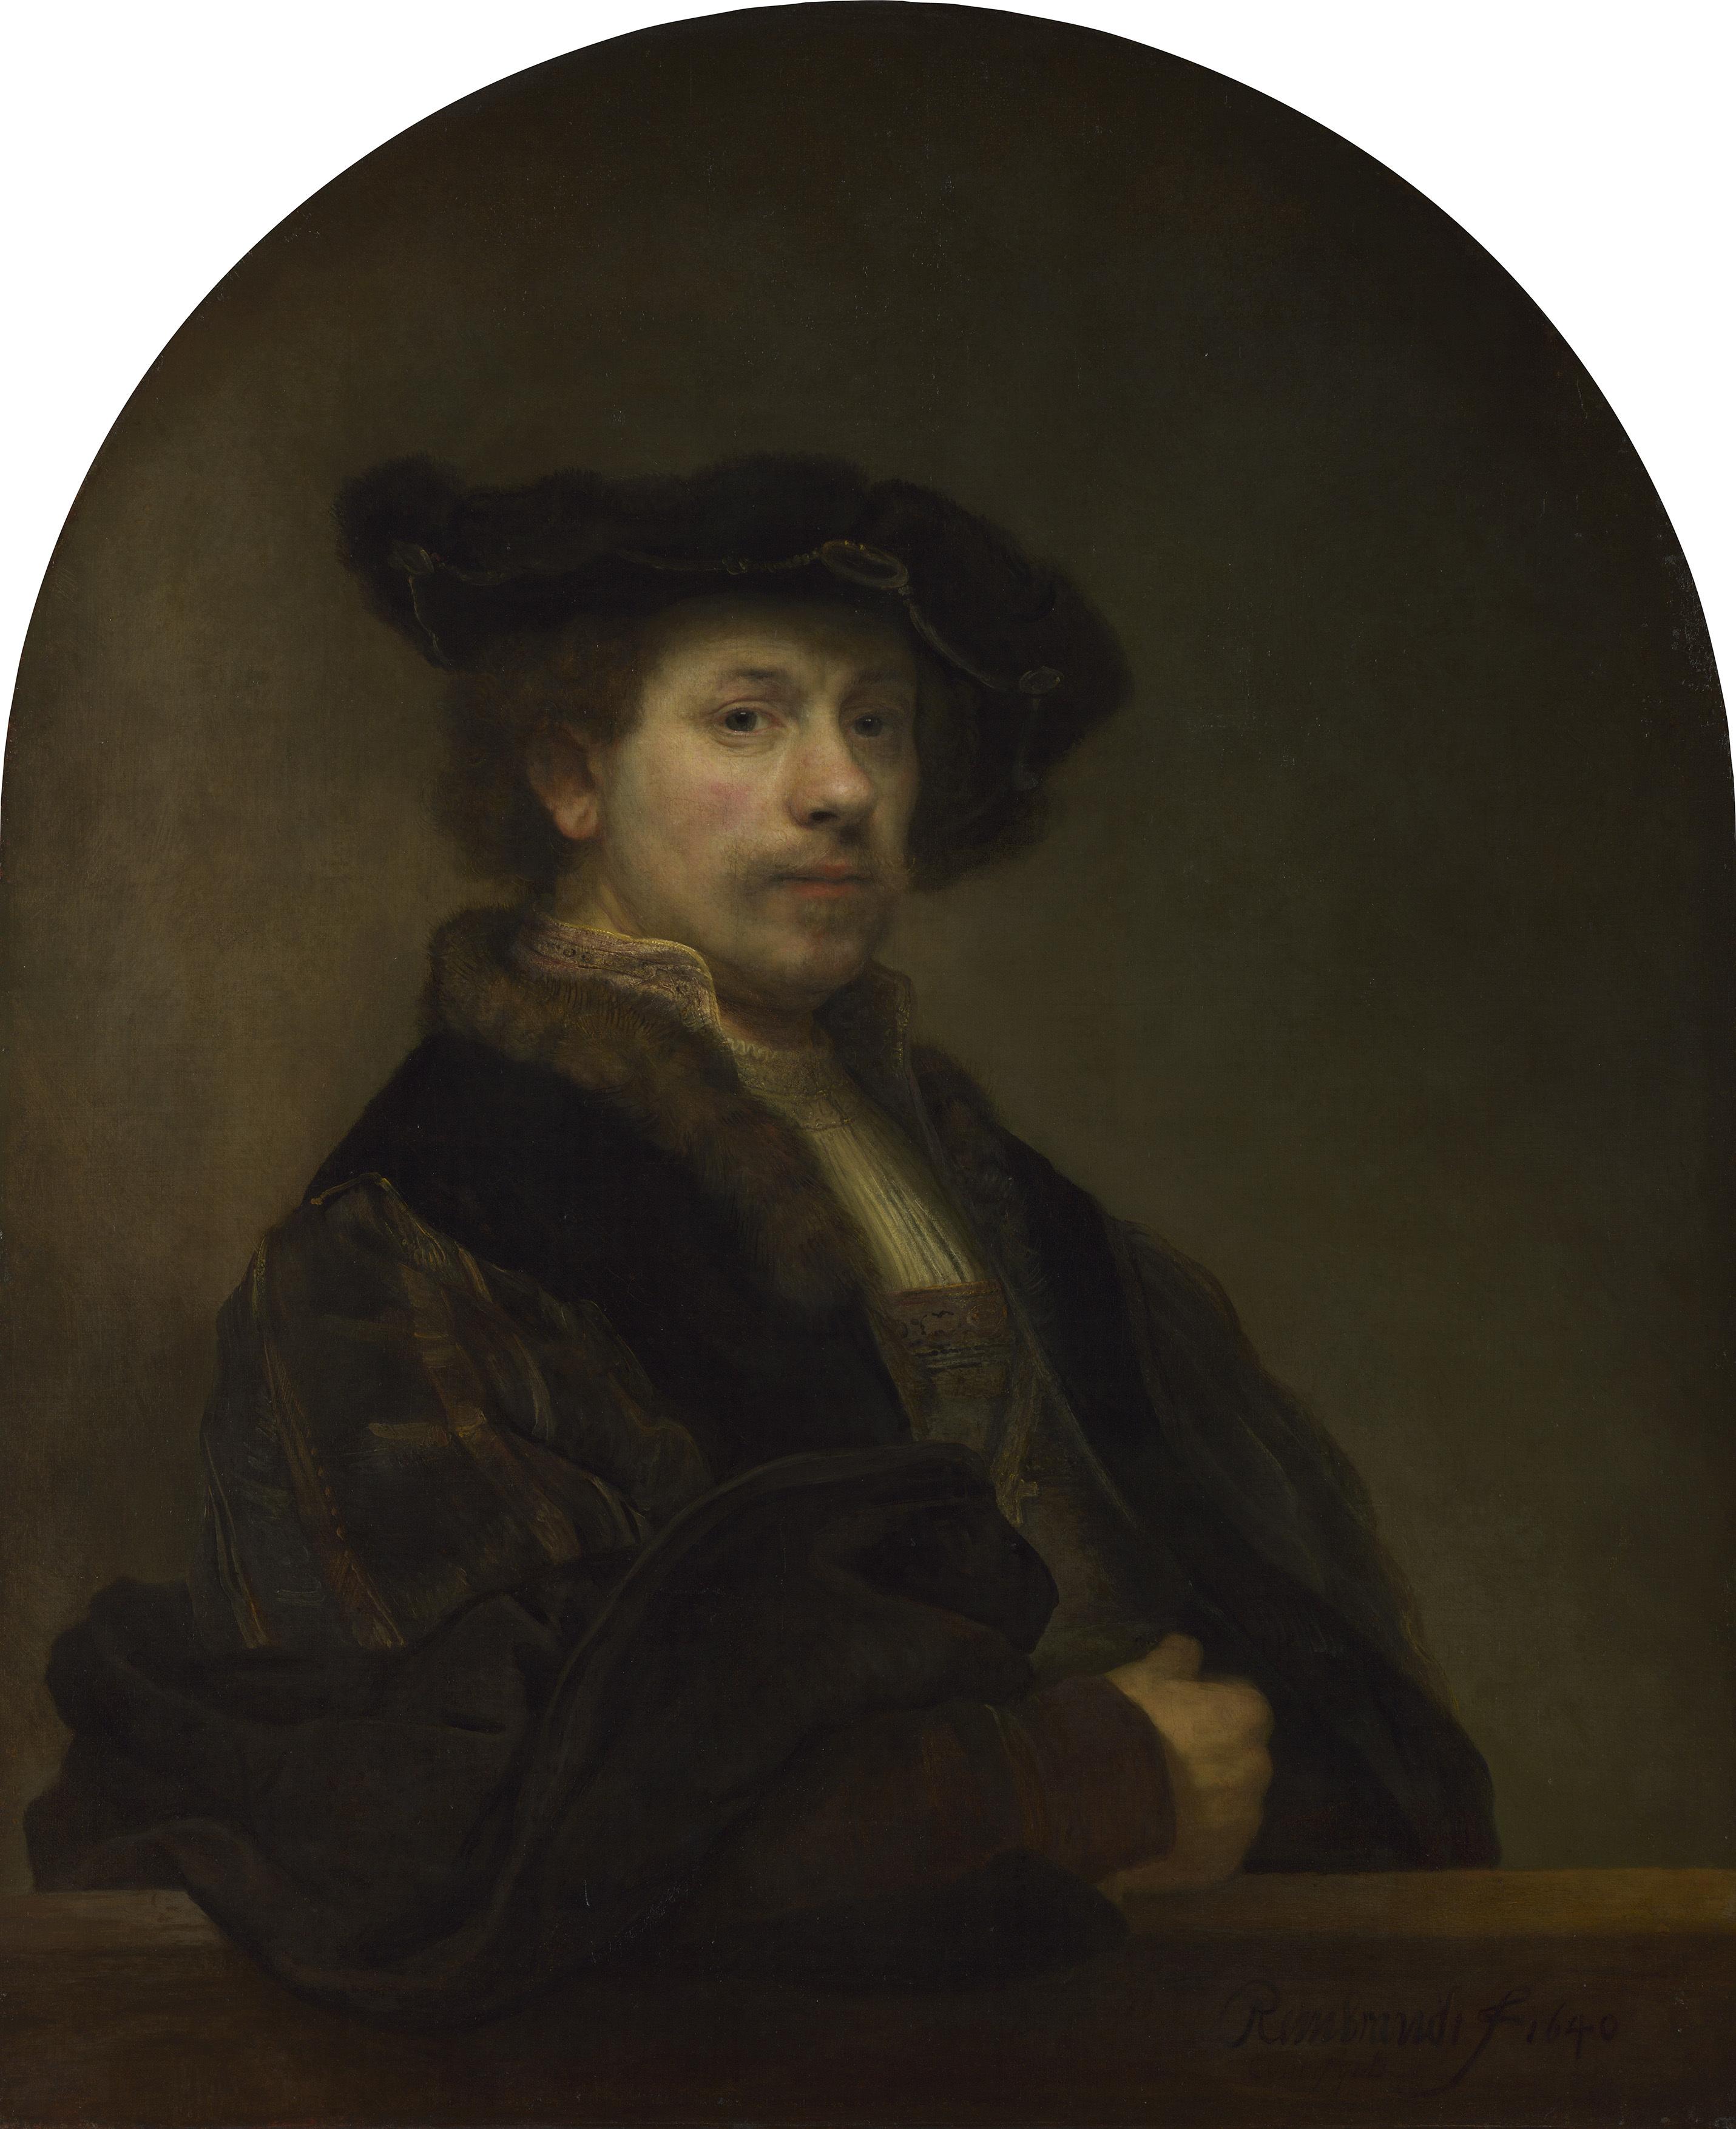 レンブラント・ハルメンスゾーン・ファン・レイン 《34歳の自画像》 1640年 油彩・カンヴァス 91×75cm  (C)The National Gallery, London. Bought, 1861